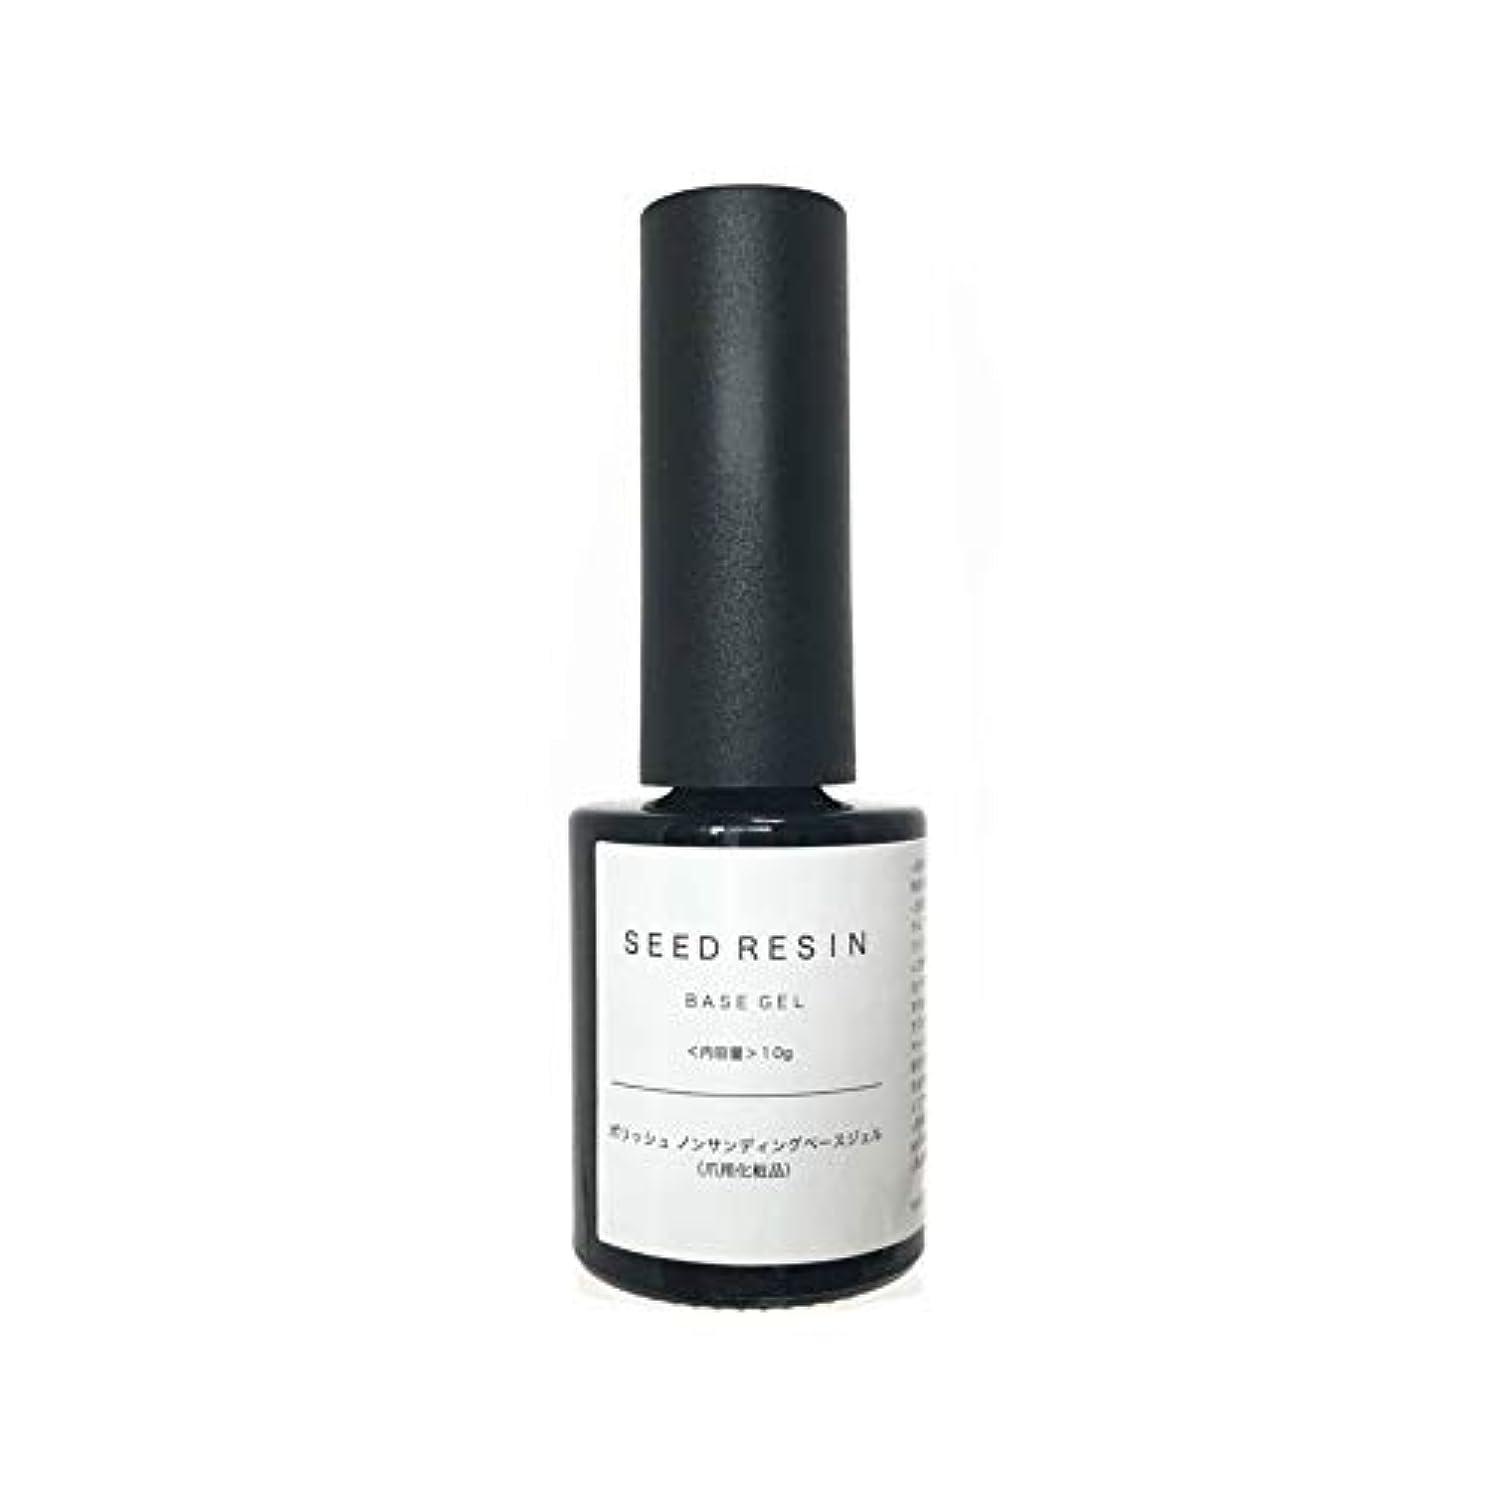 行商スライスセンチメートルSEED RESIN(シードレジン) ジェルネイル ポリッシュ ノンサンディング ベースジェル 10g 爪用化粧品